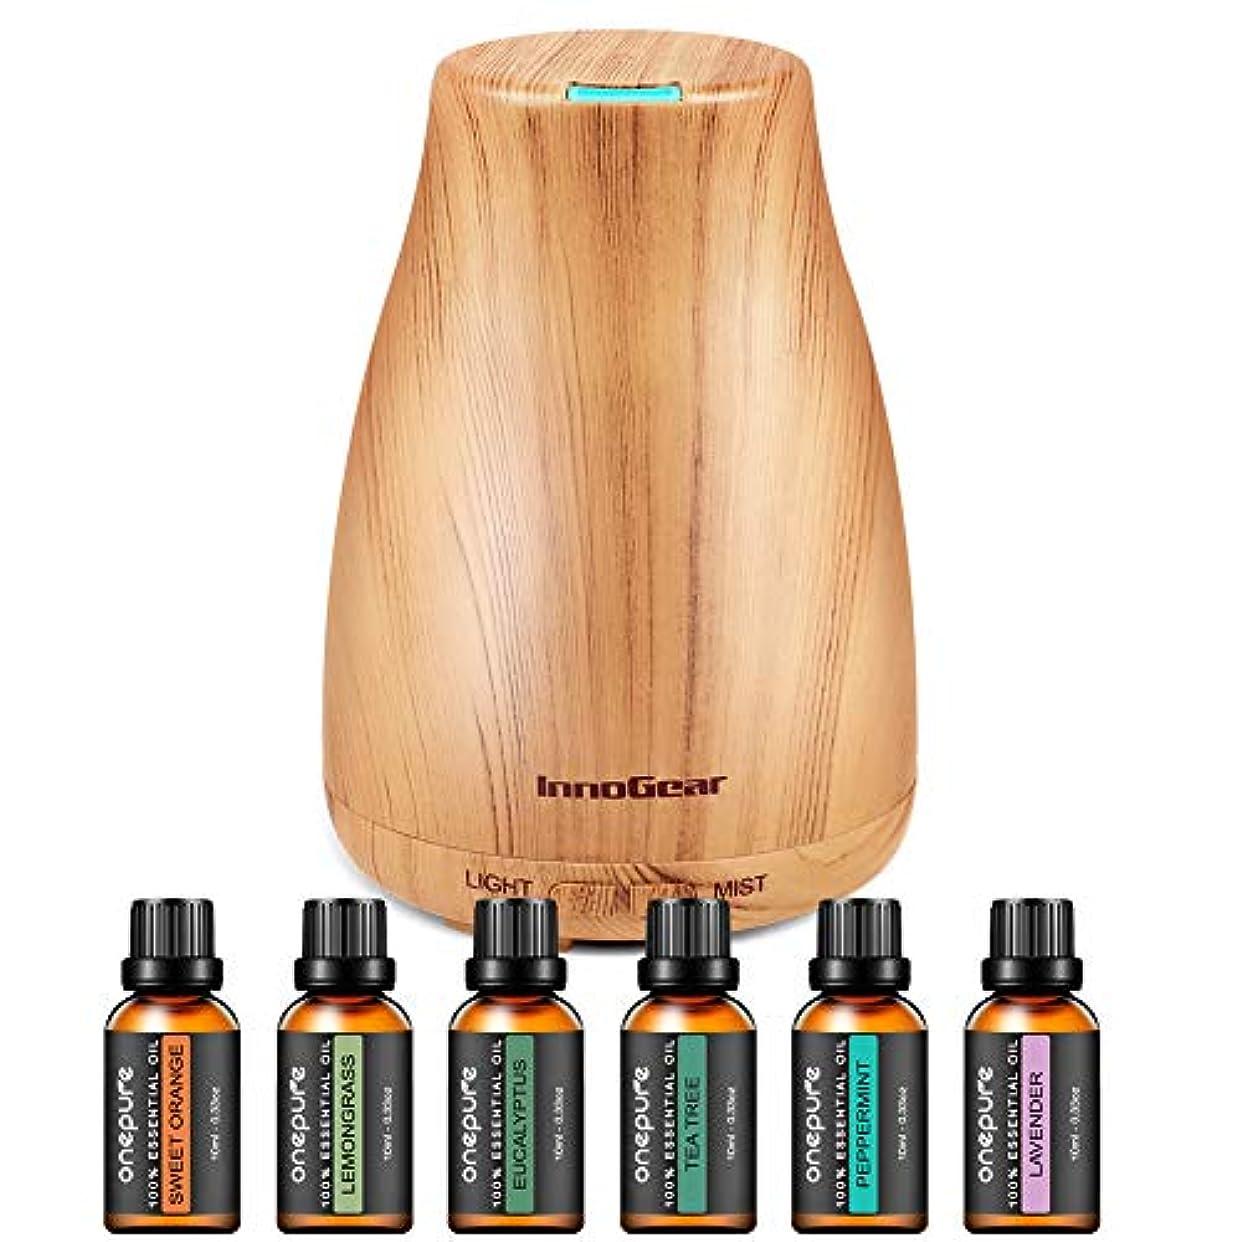 実用的一定辞任innoGear 6本 ボトル100%純粋なエッセンシャルオイルと150ミリリットルアロマディフューザー アップグレードし 7色 ギフトセット 香りクールミスト加湿器 家庭用 変更ライト 導きました イエロー